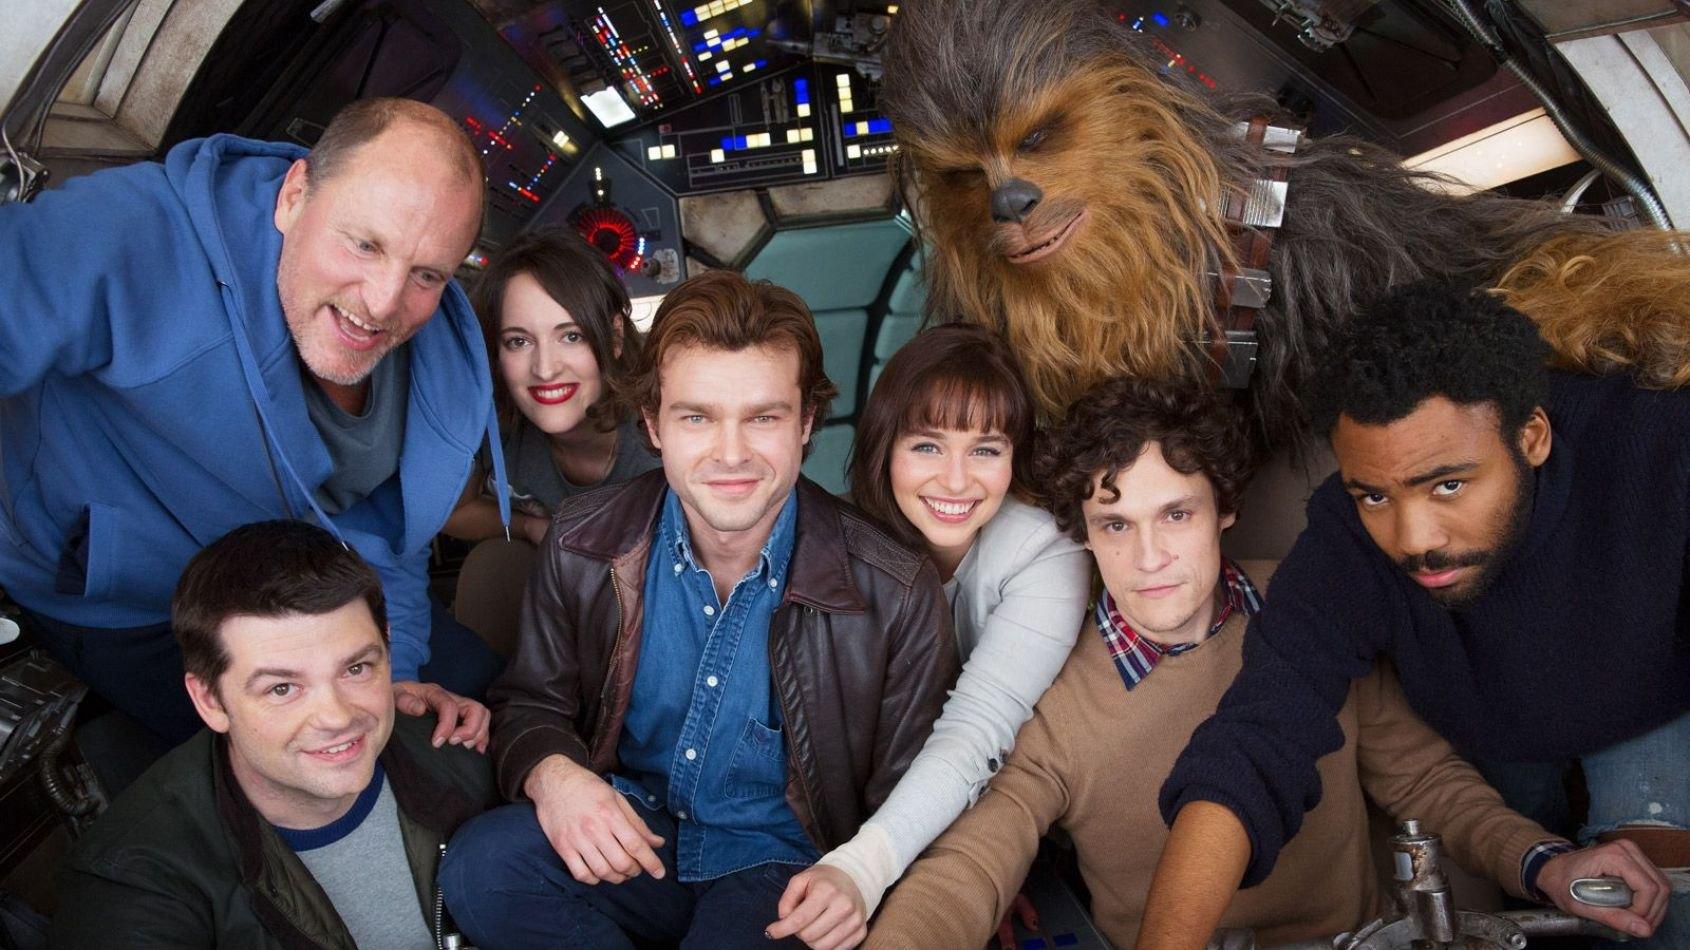 Des informations sur le tournage du film consacré à Han Solo